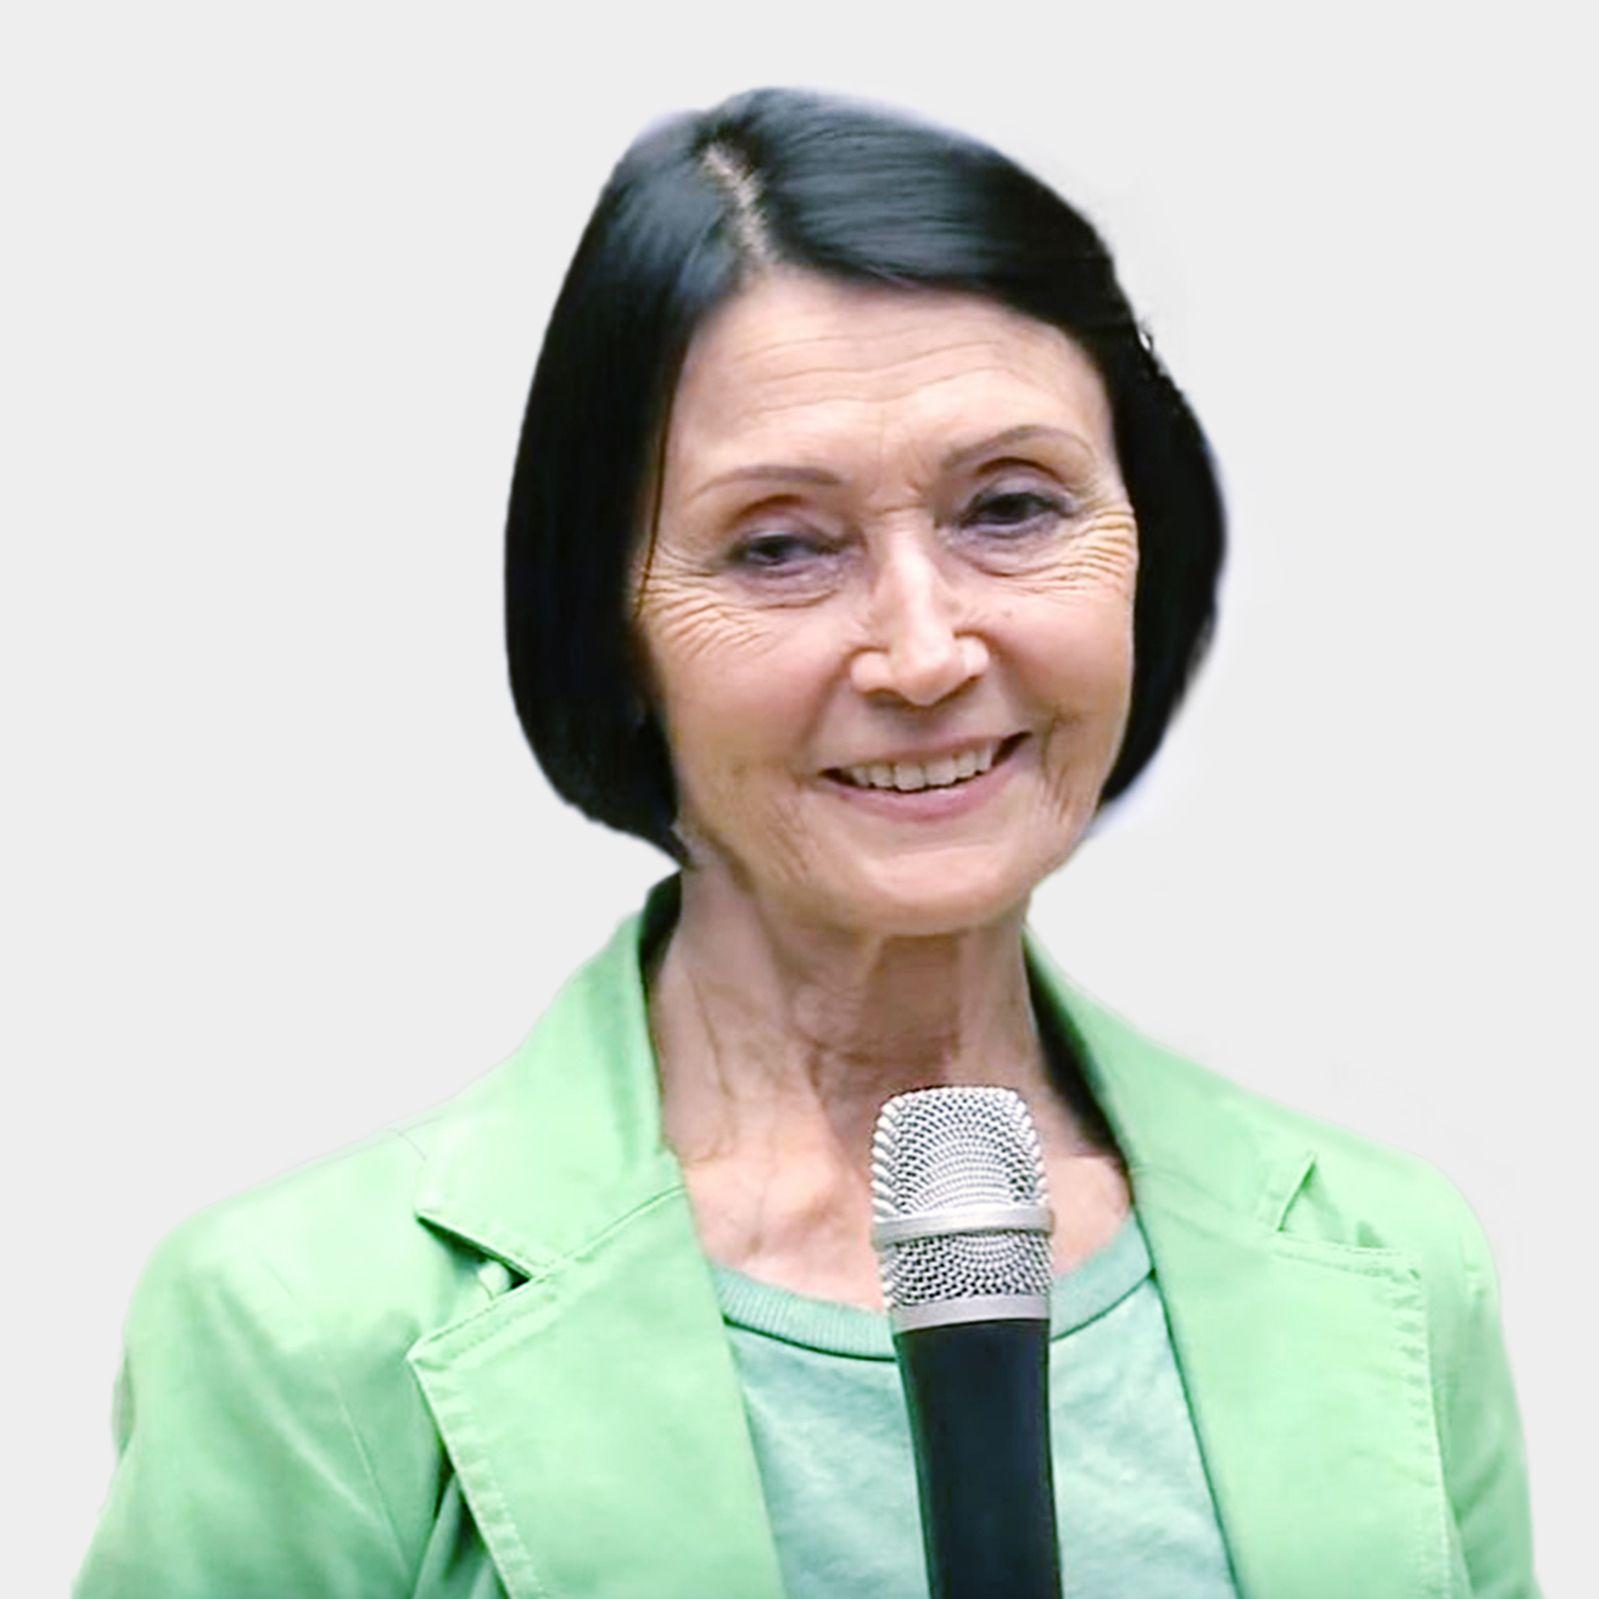 Jak odnaleźć dobre strony trudnych doświadczeń? - dr Ewa Woydyłło-Osiatyńska